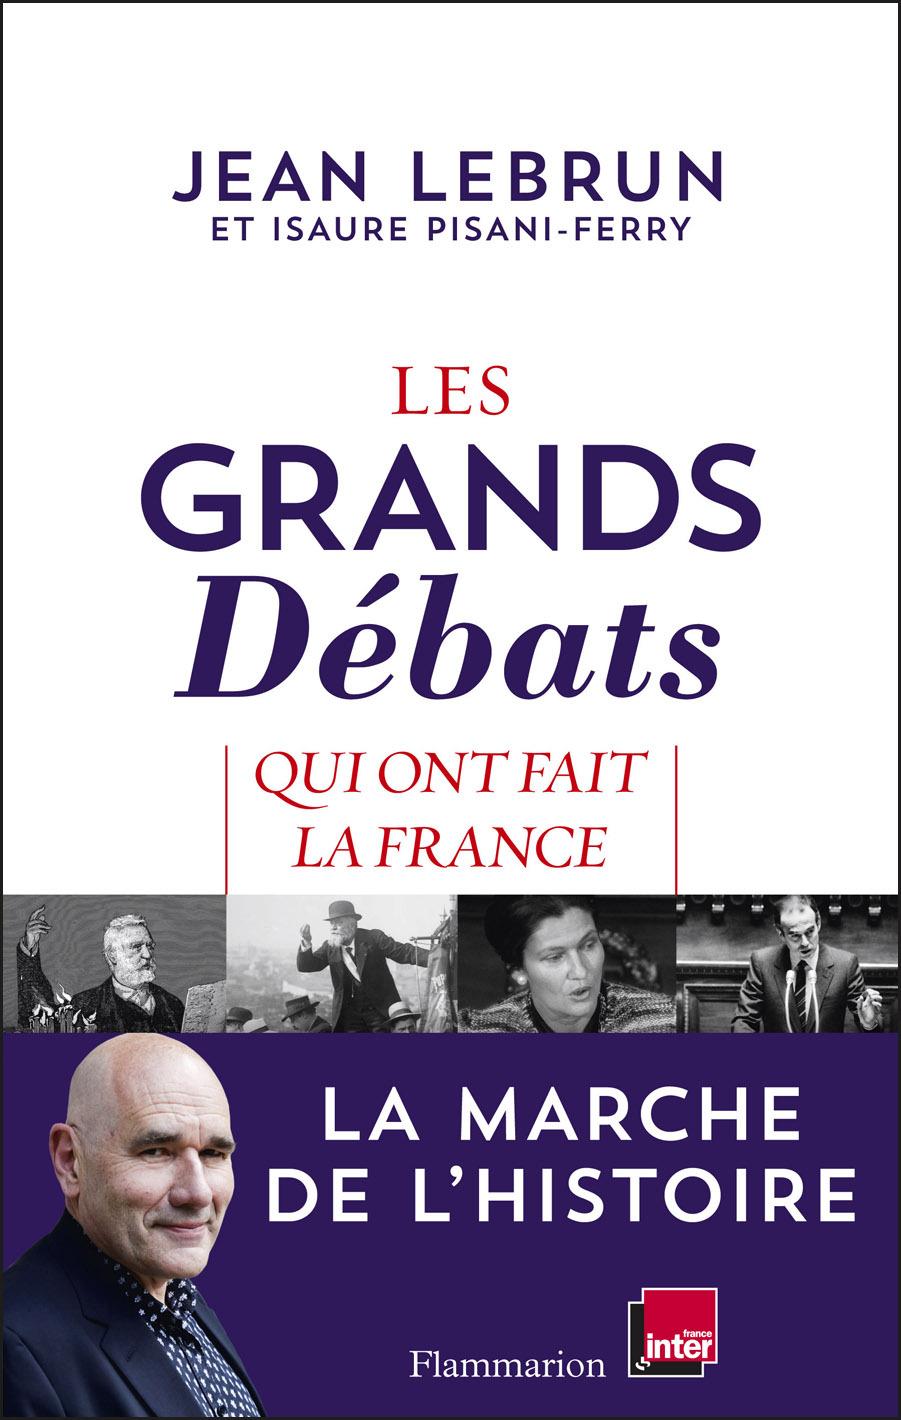 Les Grands Débats qui ont fait la France